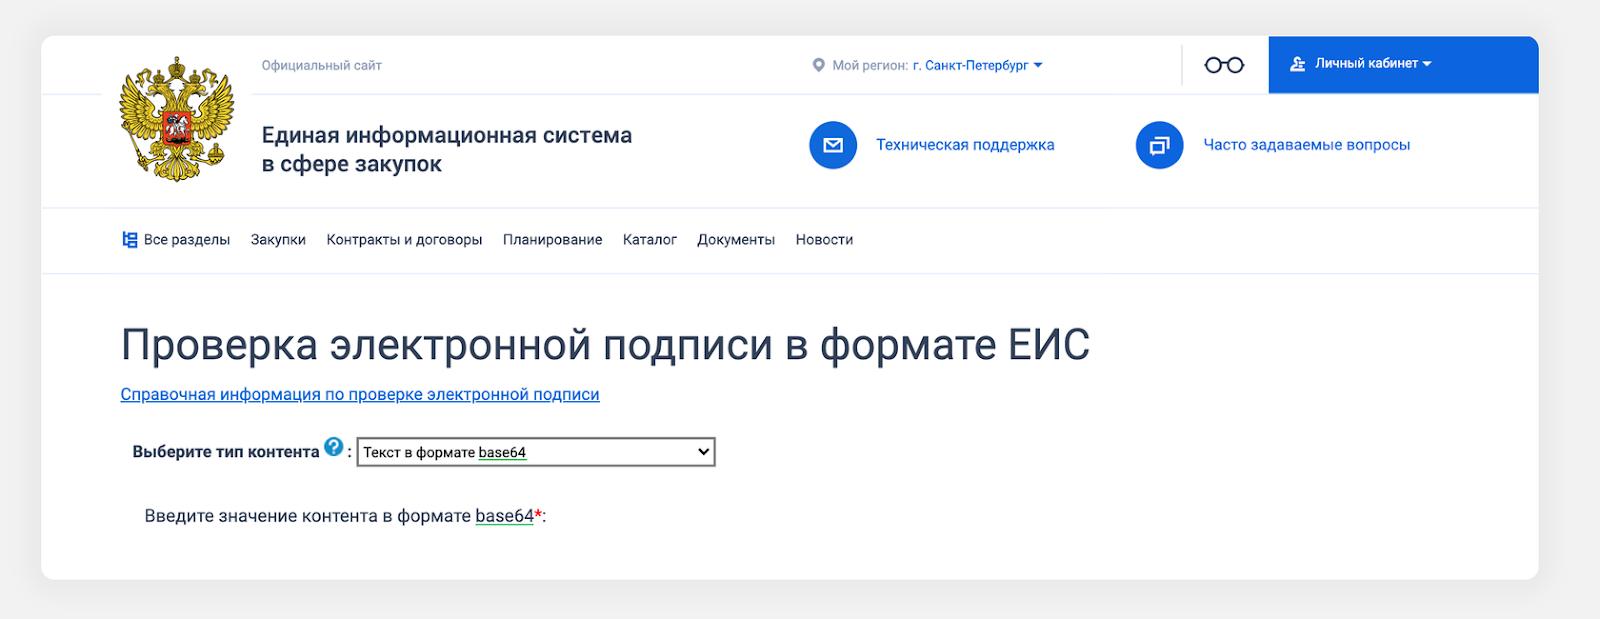 как продлить сертификат электронной подписи